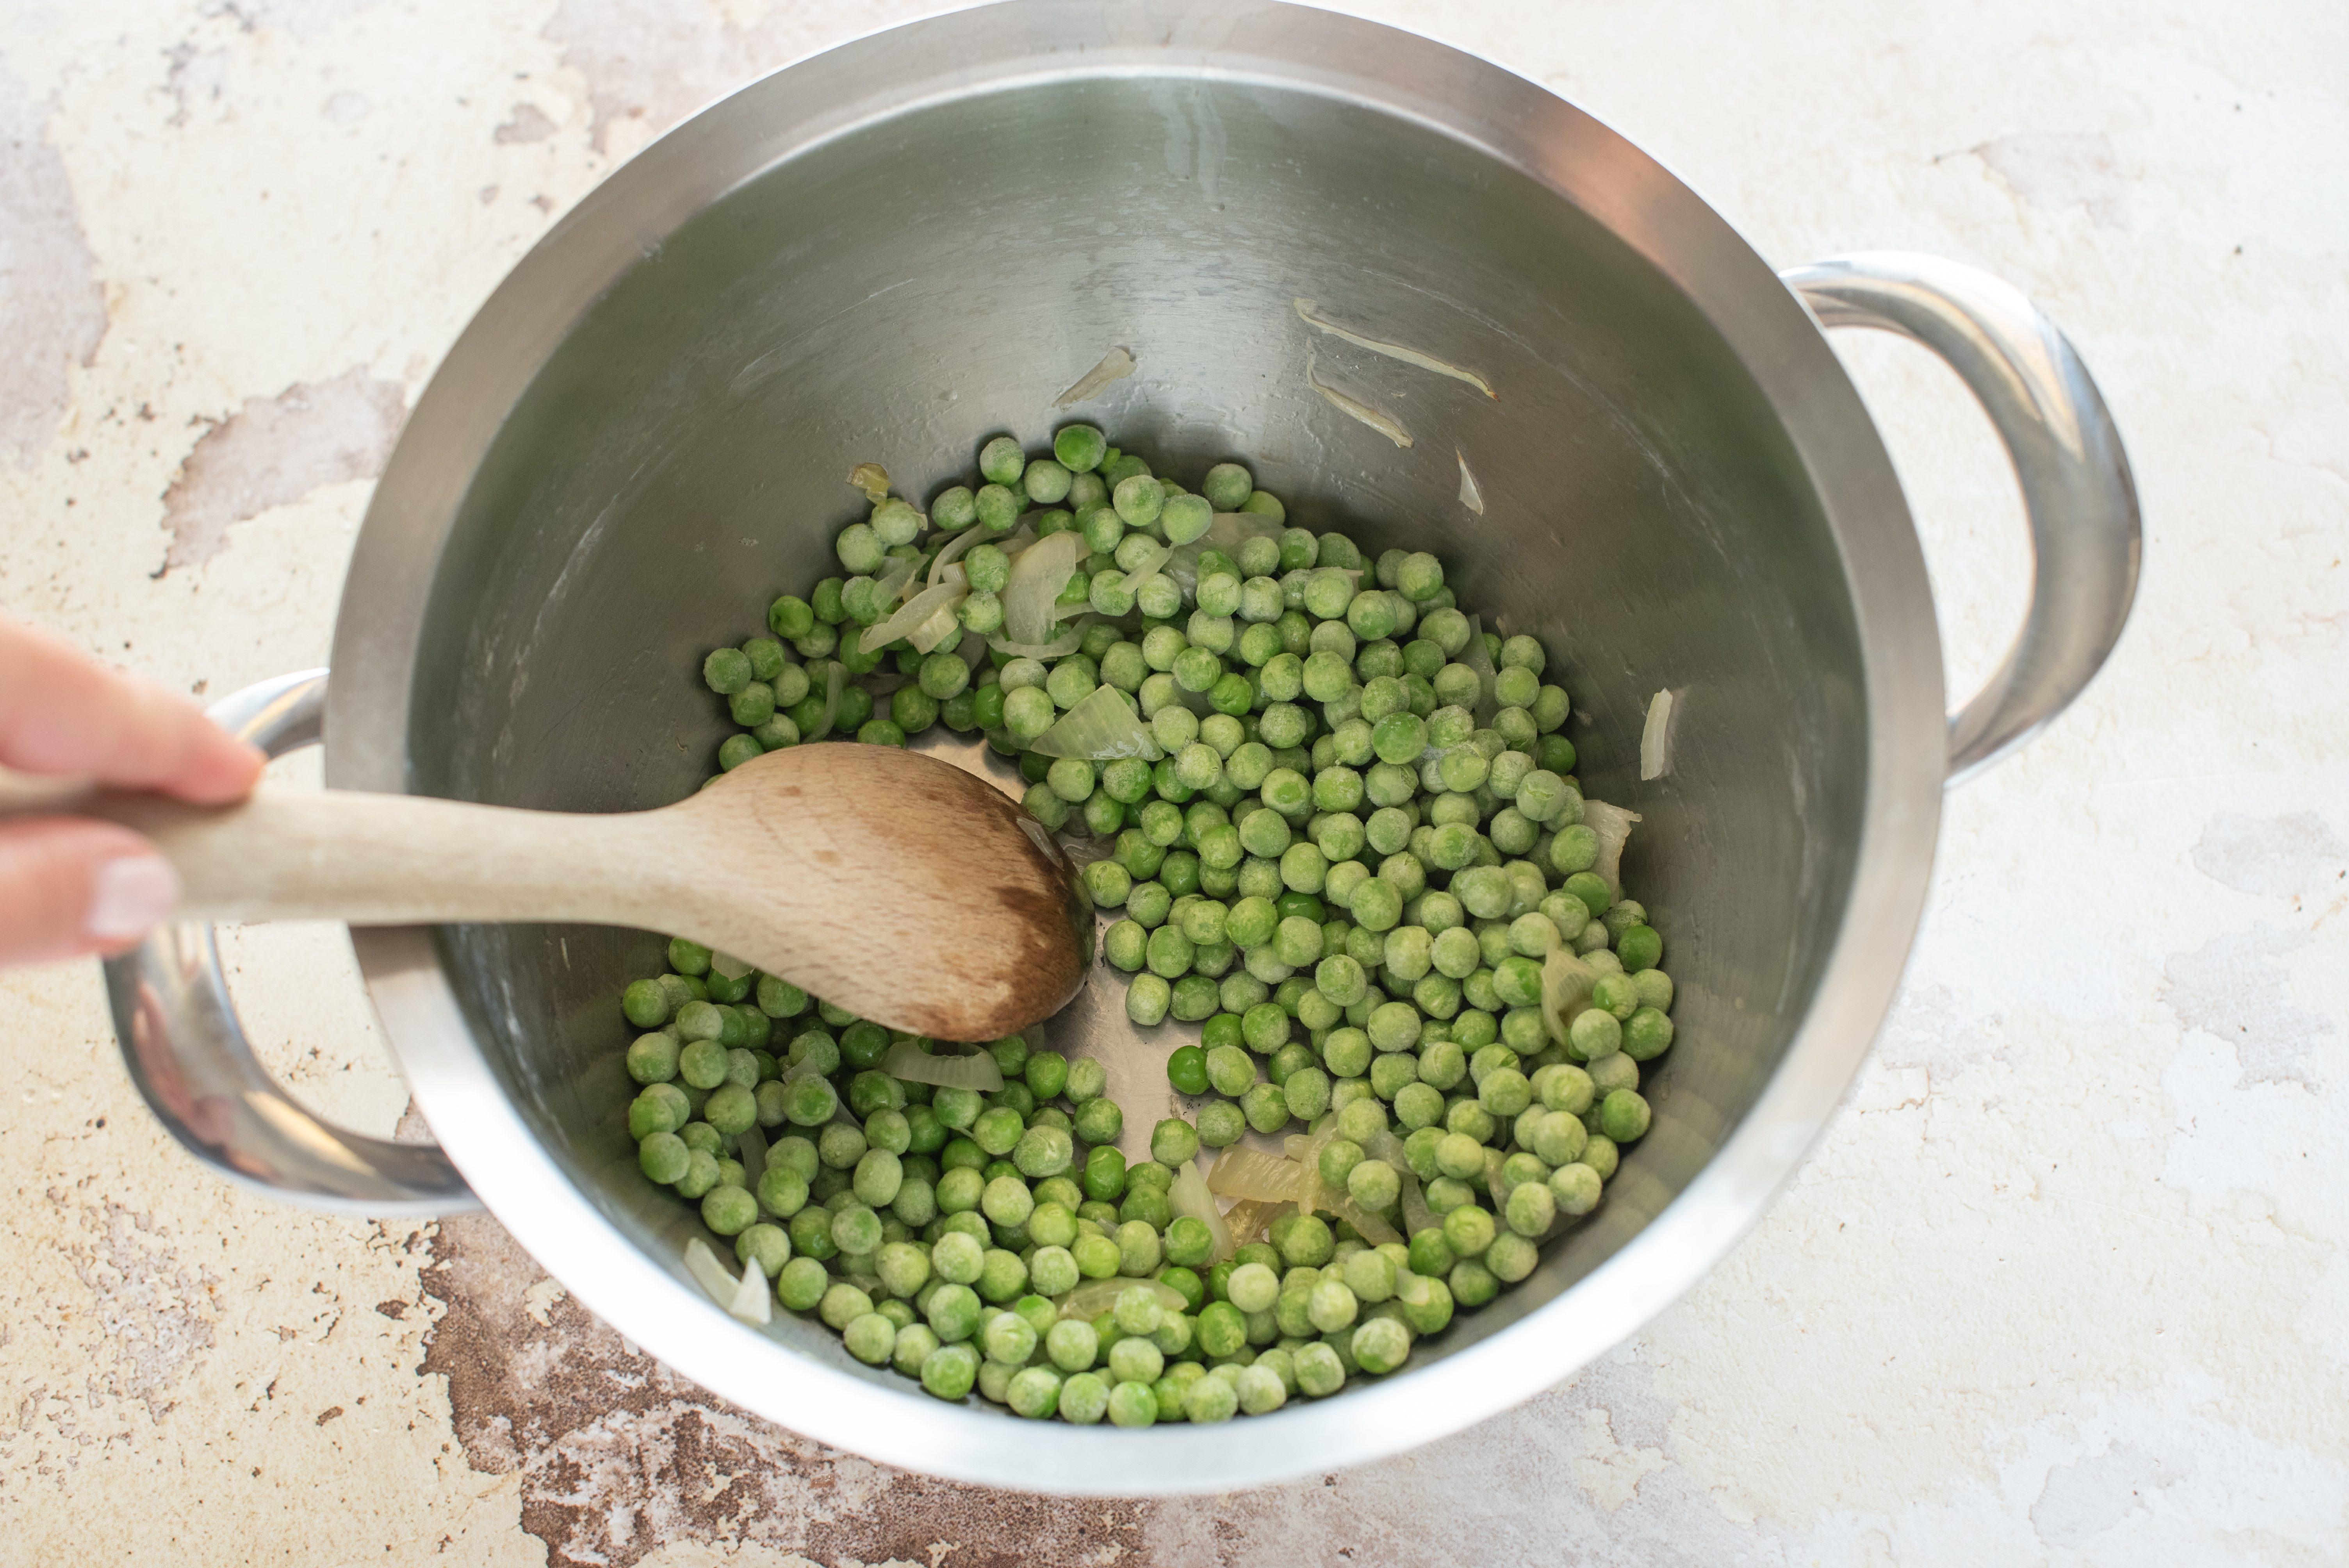 Riso al forno con piselli, pancetta e patate, cuocere cipolla e piselli